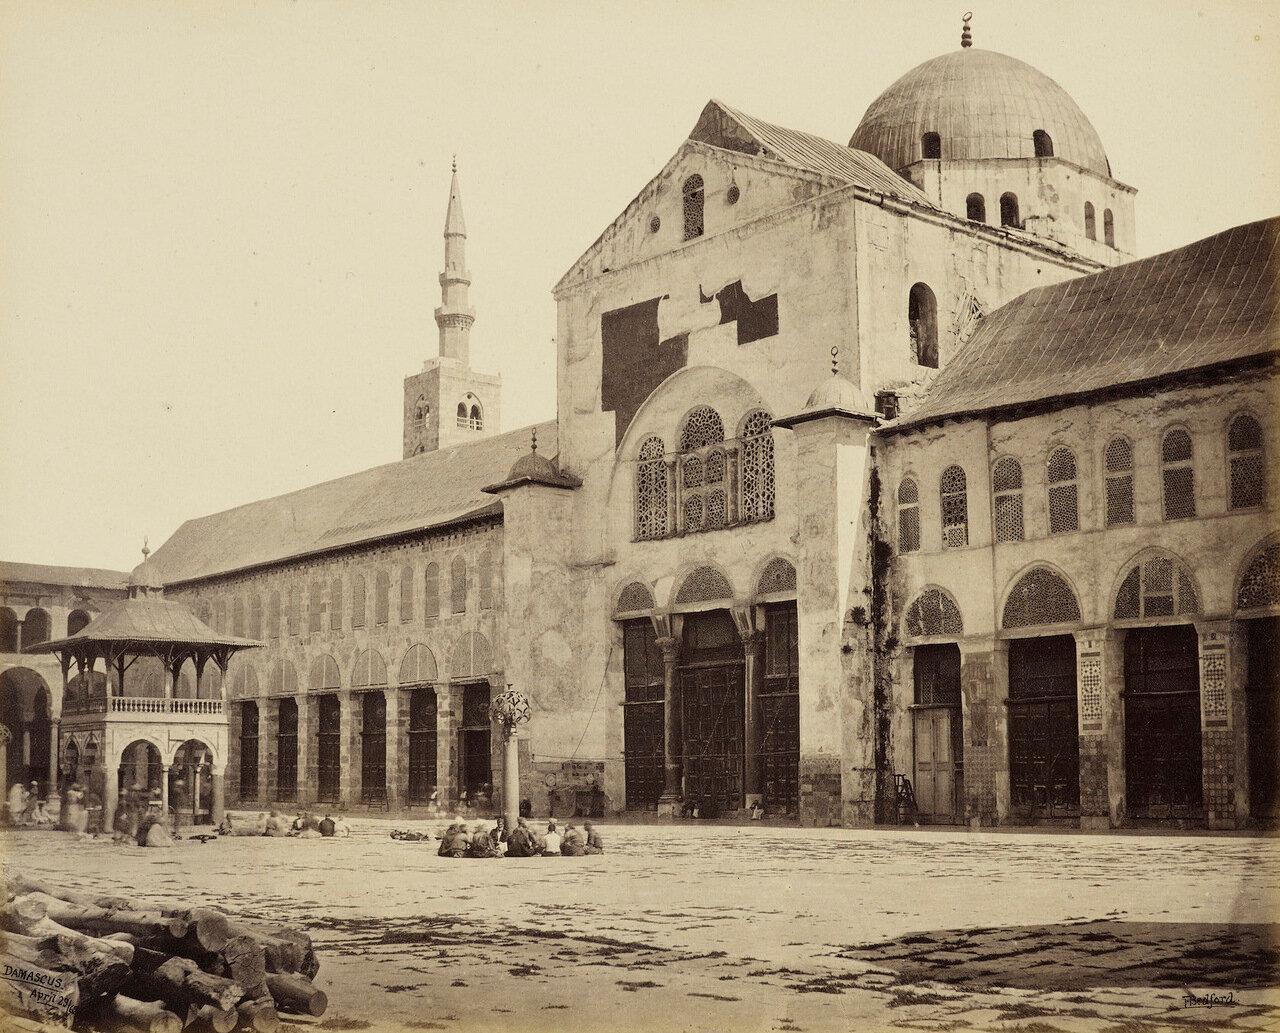 29 апреля 1862. Северная сторона Великой мечети. Дамаск